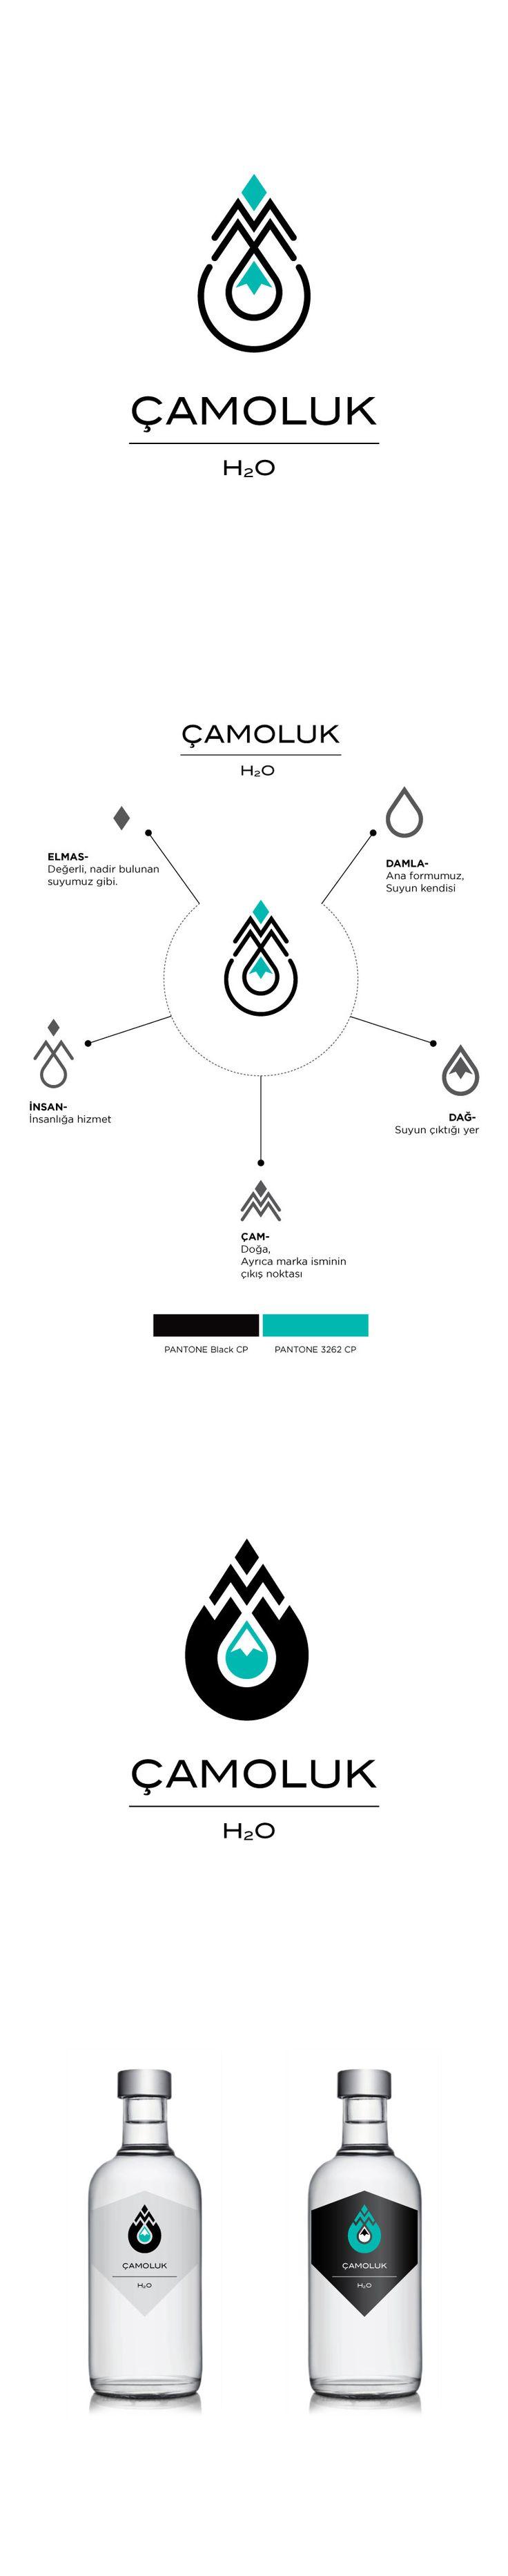 Çamoluk Su / Çamoluk Water - Logo Design / Logo Tasarımı - Brand Idenity / Kurumsal Kimlik